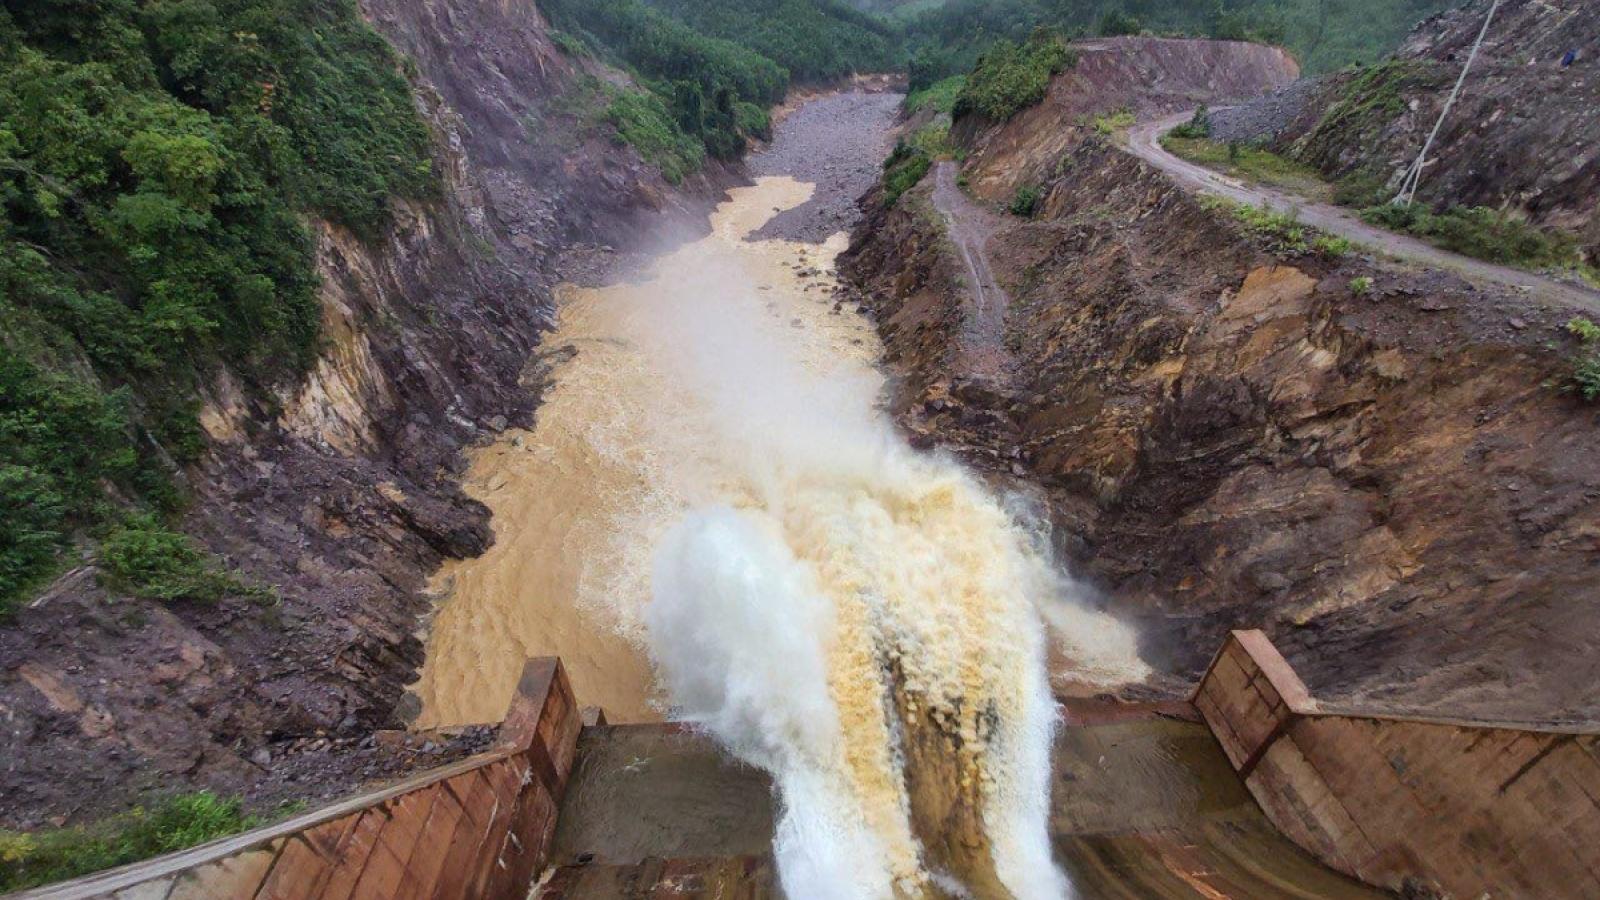 Sẽ thu hồi giấy phép hoạt động điện lực của Thủy điện Thượng Nhật